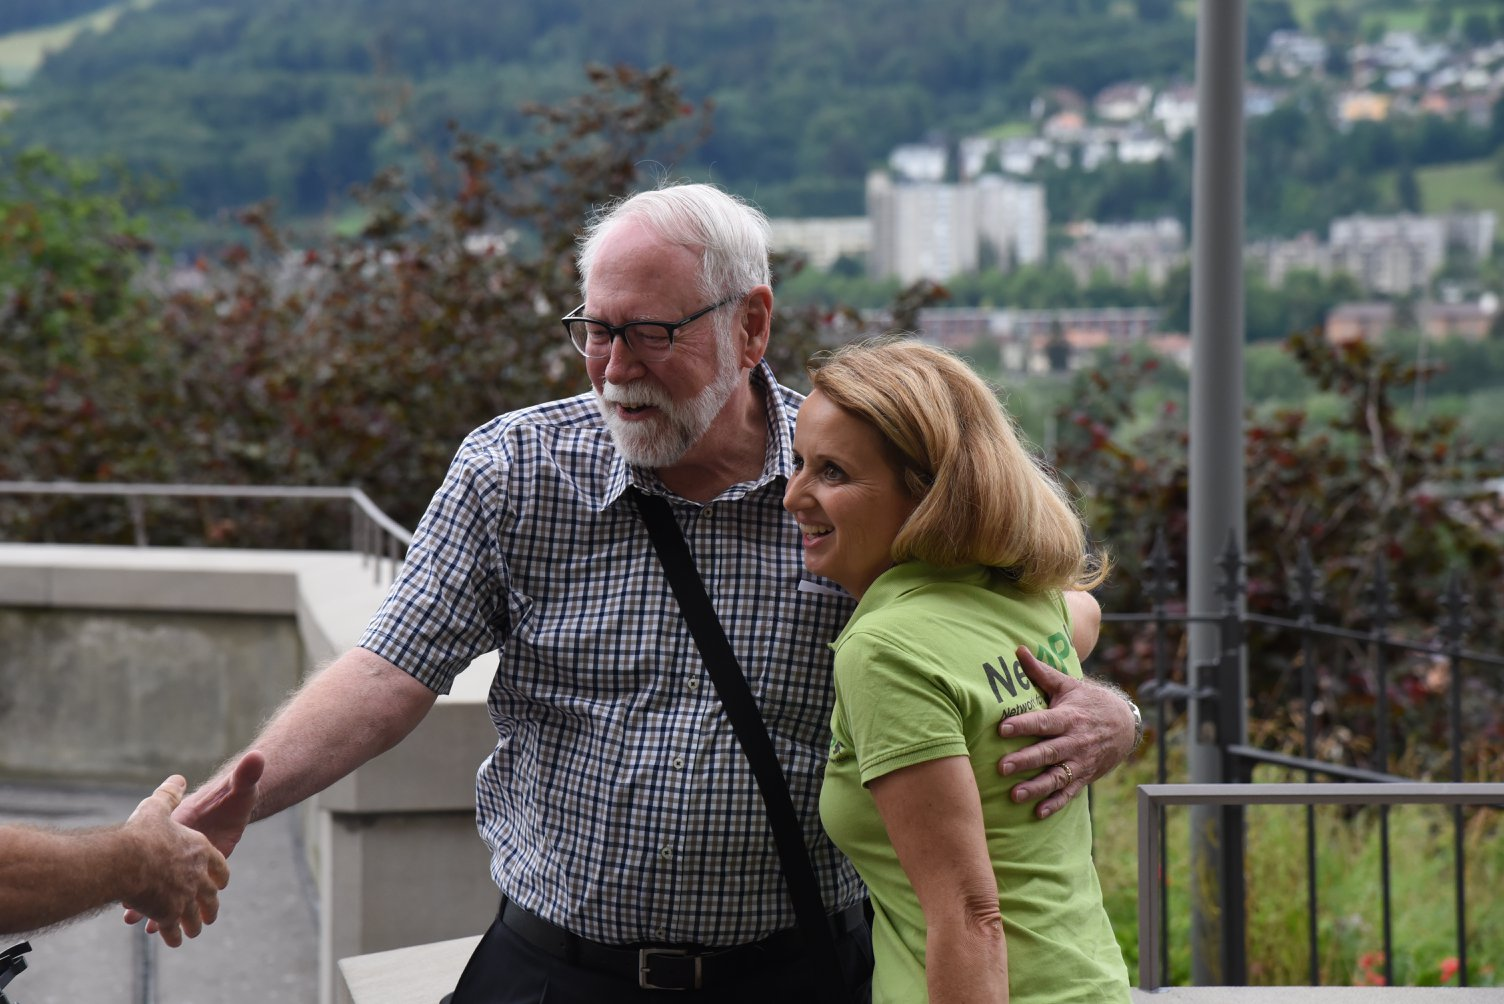 Présidente de NetAPP, Esther Geisser et Prominenter Unterstützer der Petition: Dr. Dennis Turner, Katzenforscher und Zoologe